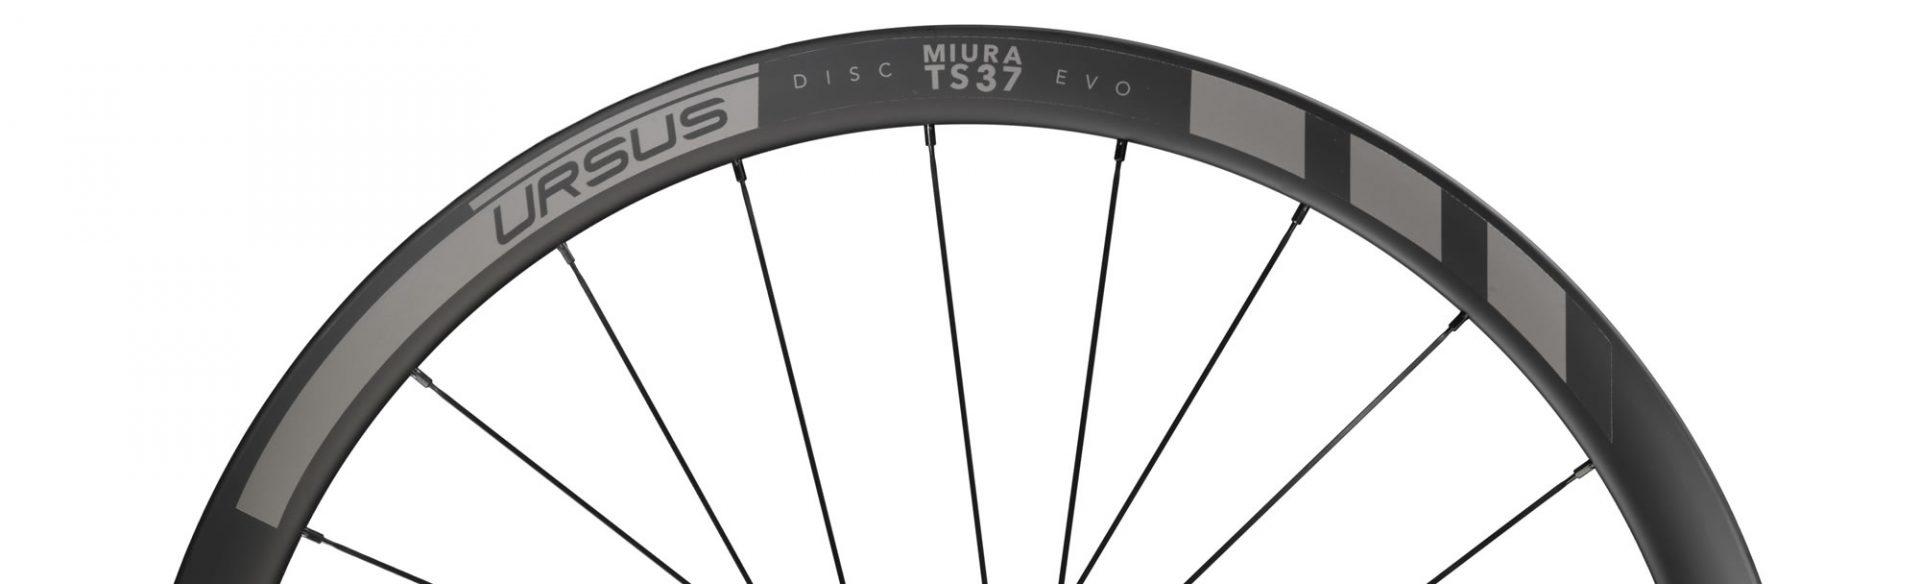 TS37 EVO Disc